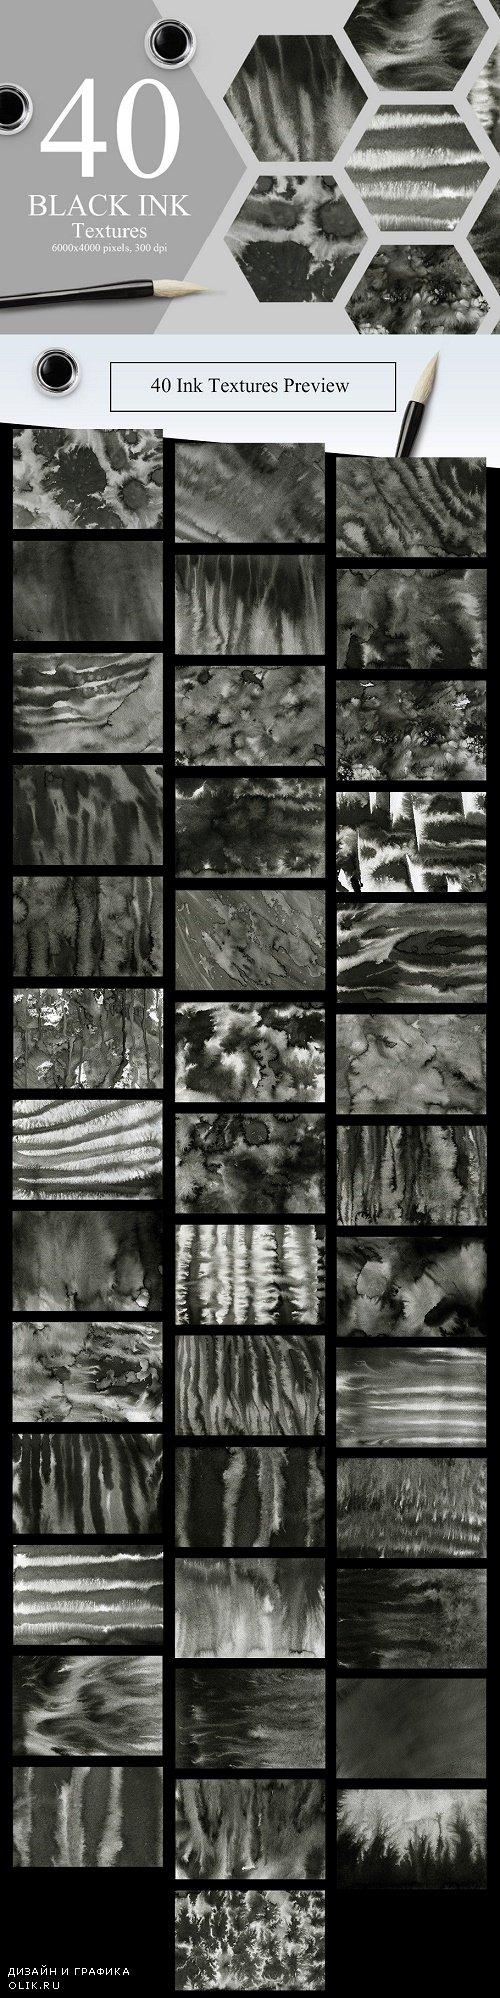 40 Black Ink Textures - 2216658